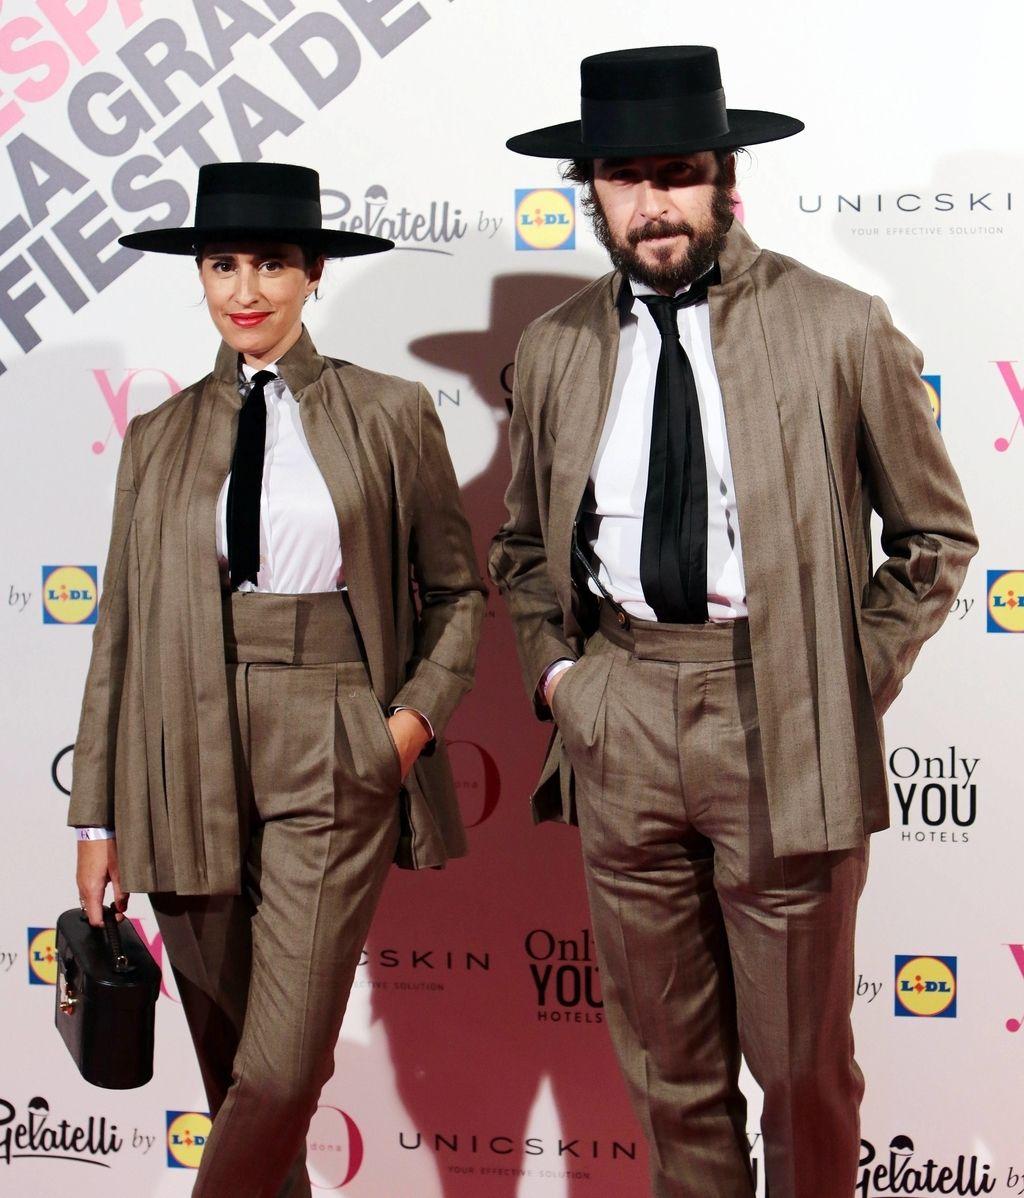 Los diseñadores Oteyza, como siempre, vistiendo idénticos, con sombrero y ropa de su firma